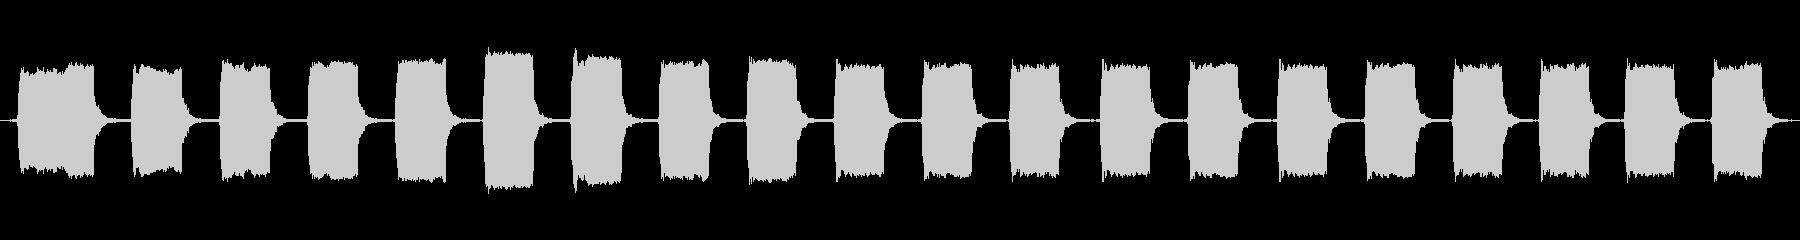 アラーム、部屋、ビープ音、のぞき見...の未再生の波形